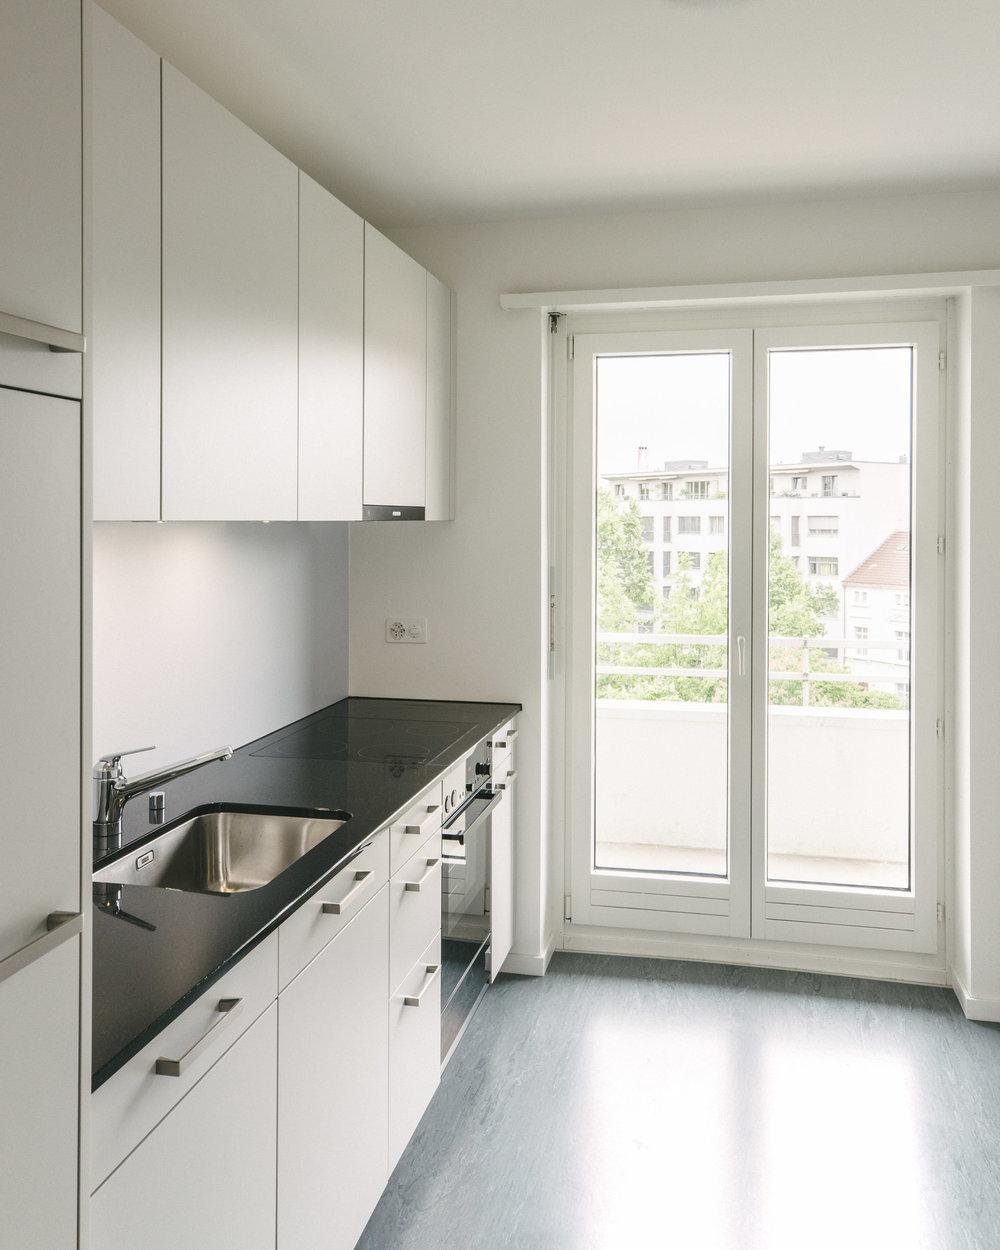 Innensanierung Küchen Burgfelderstrasse Basel, Consilium Architektur und Baumanagement